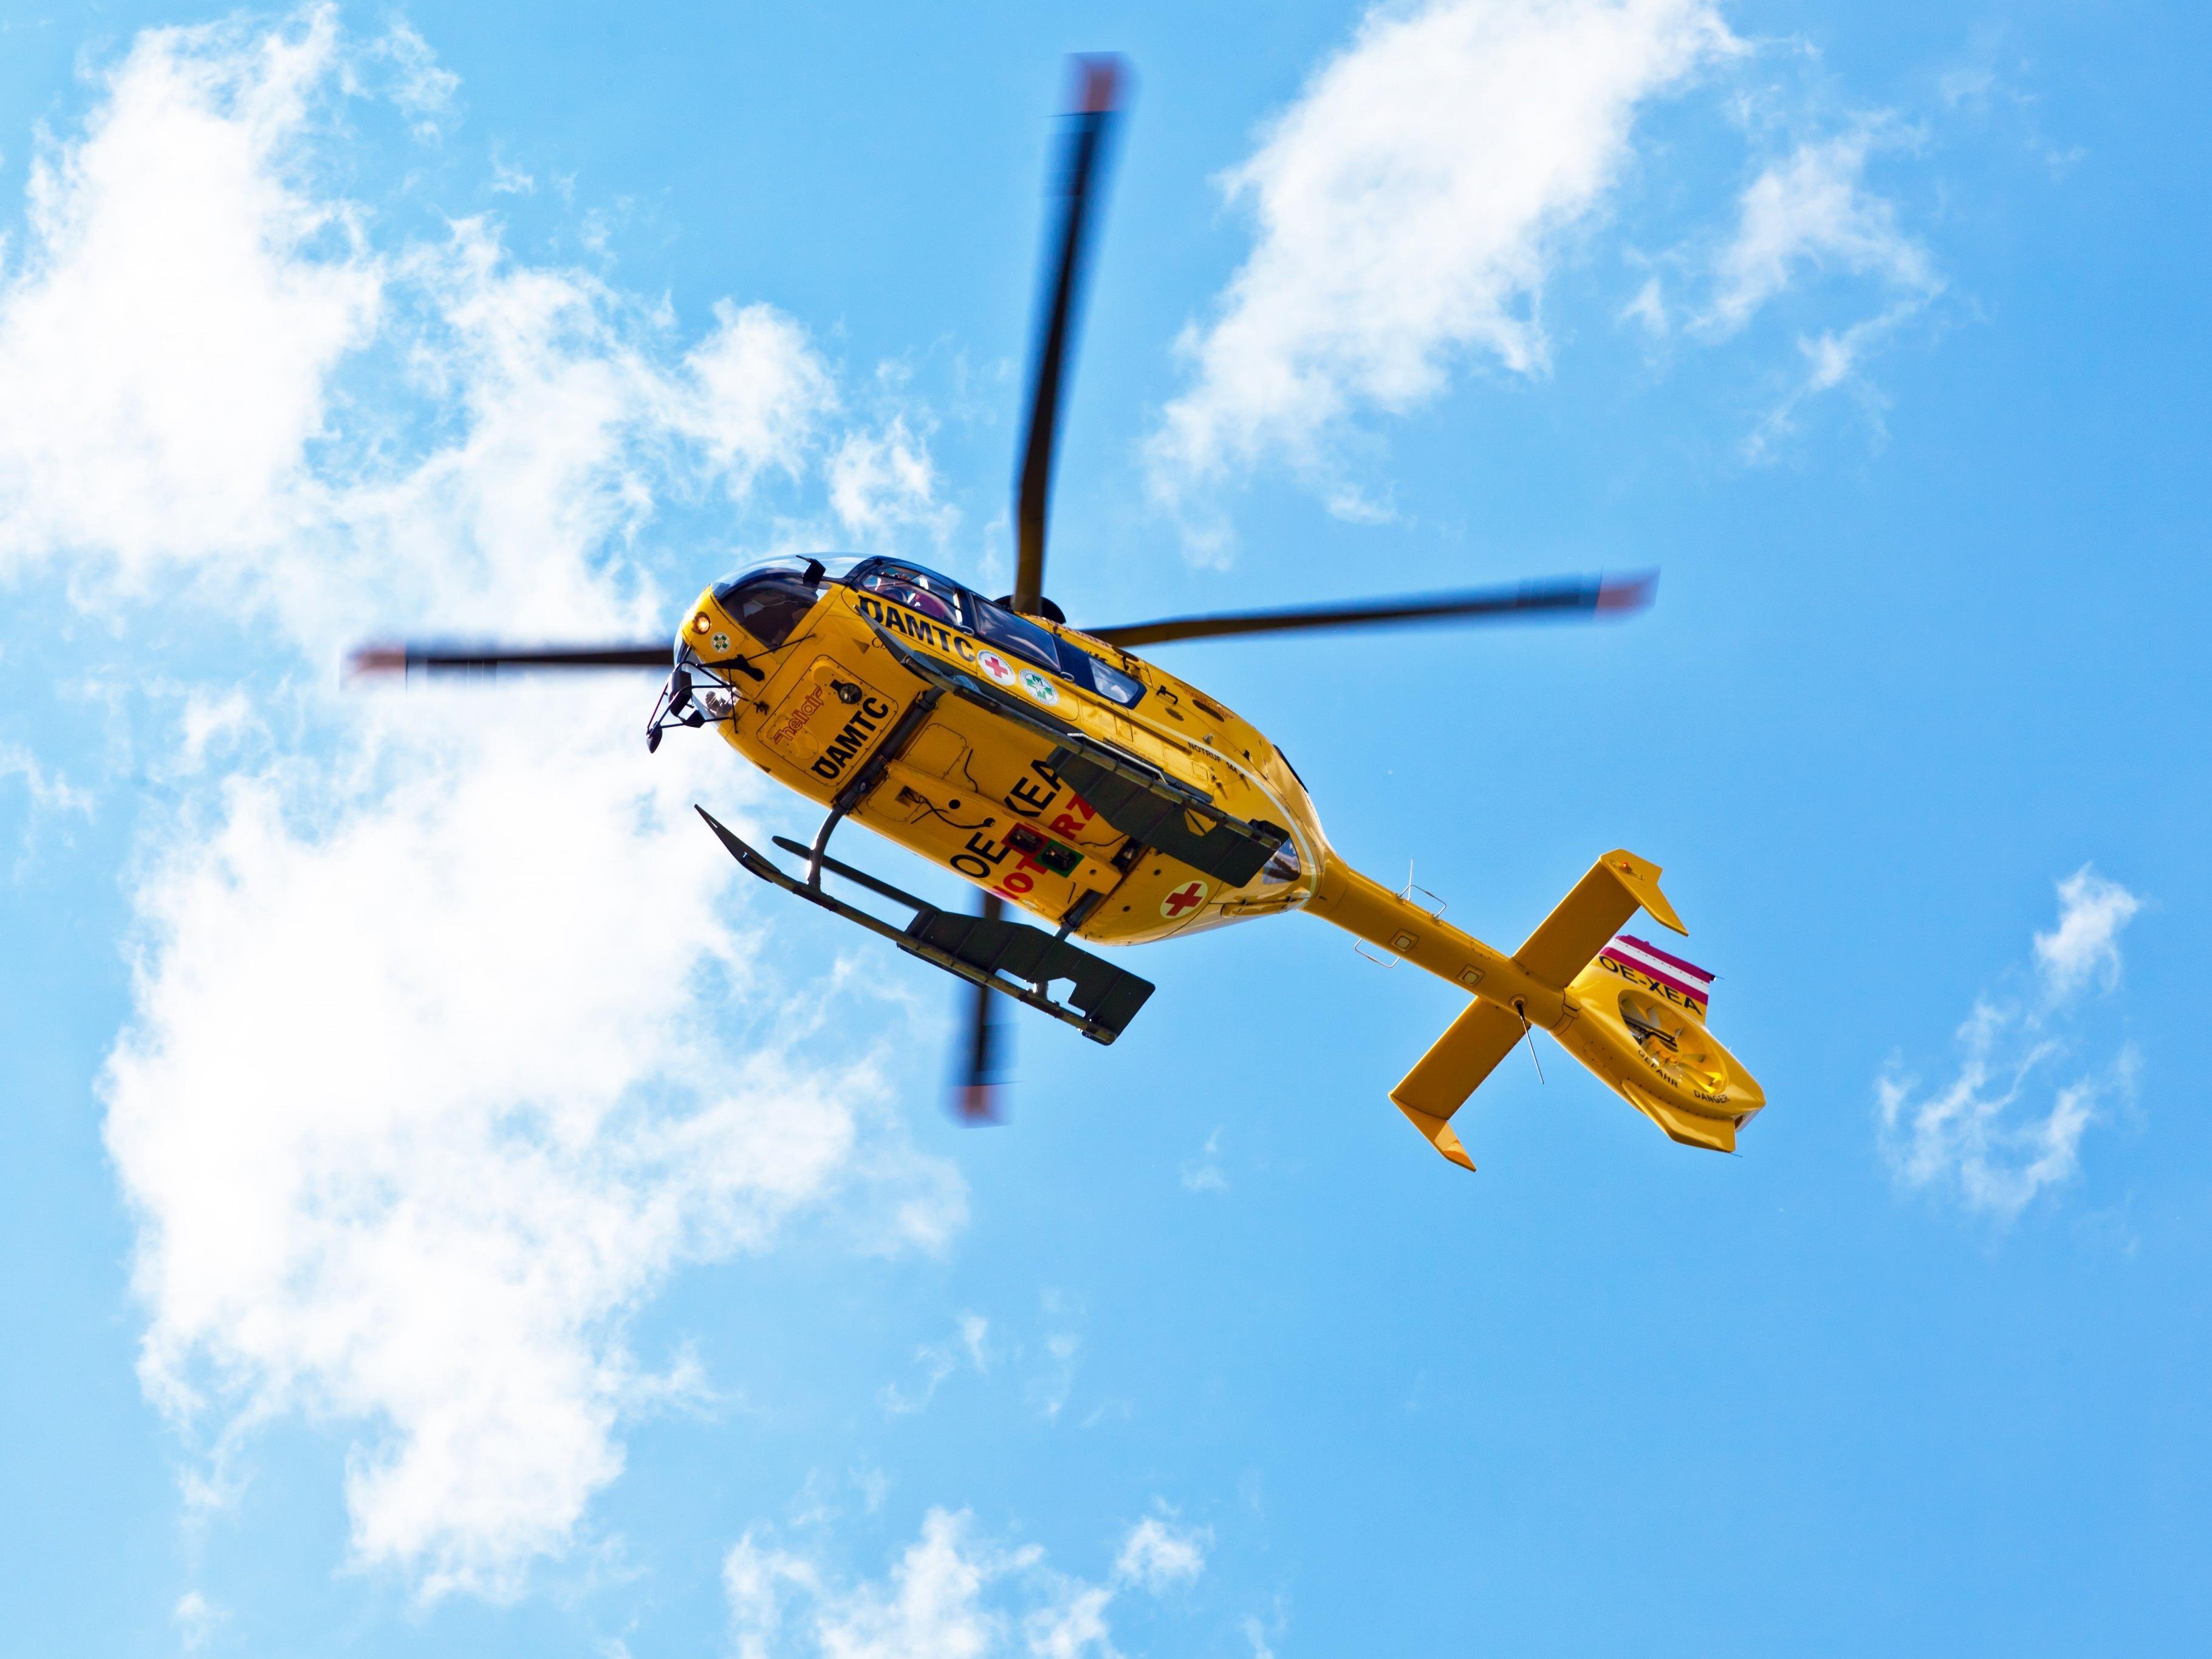 Per Hubschrauber wurde der Verletzte ins LKH Bregenz gebracht.